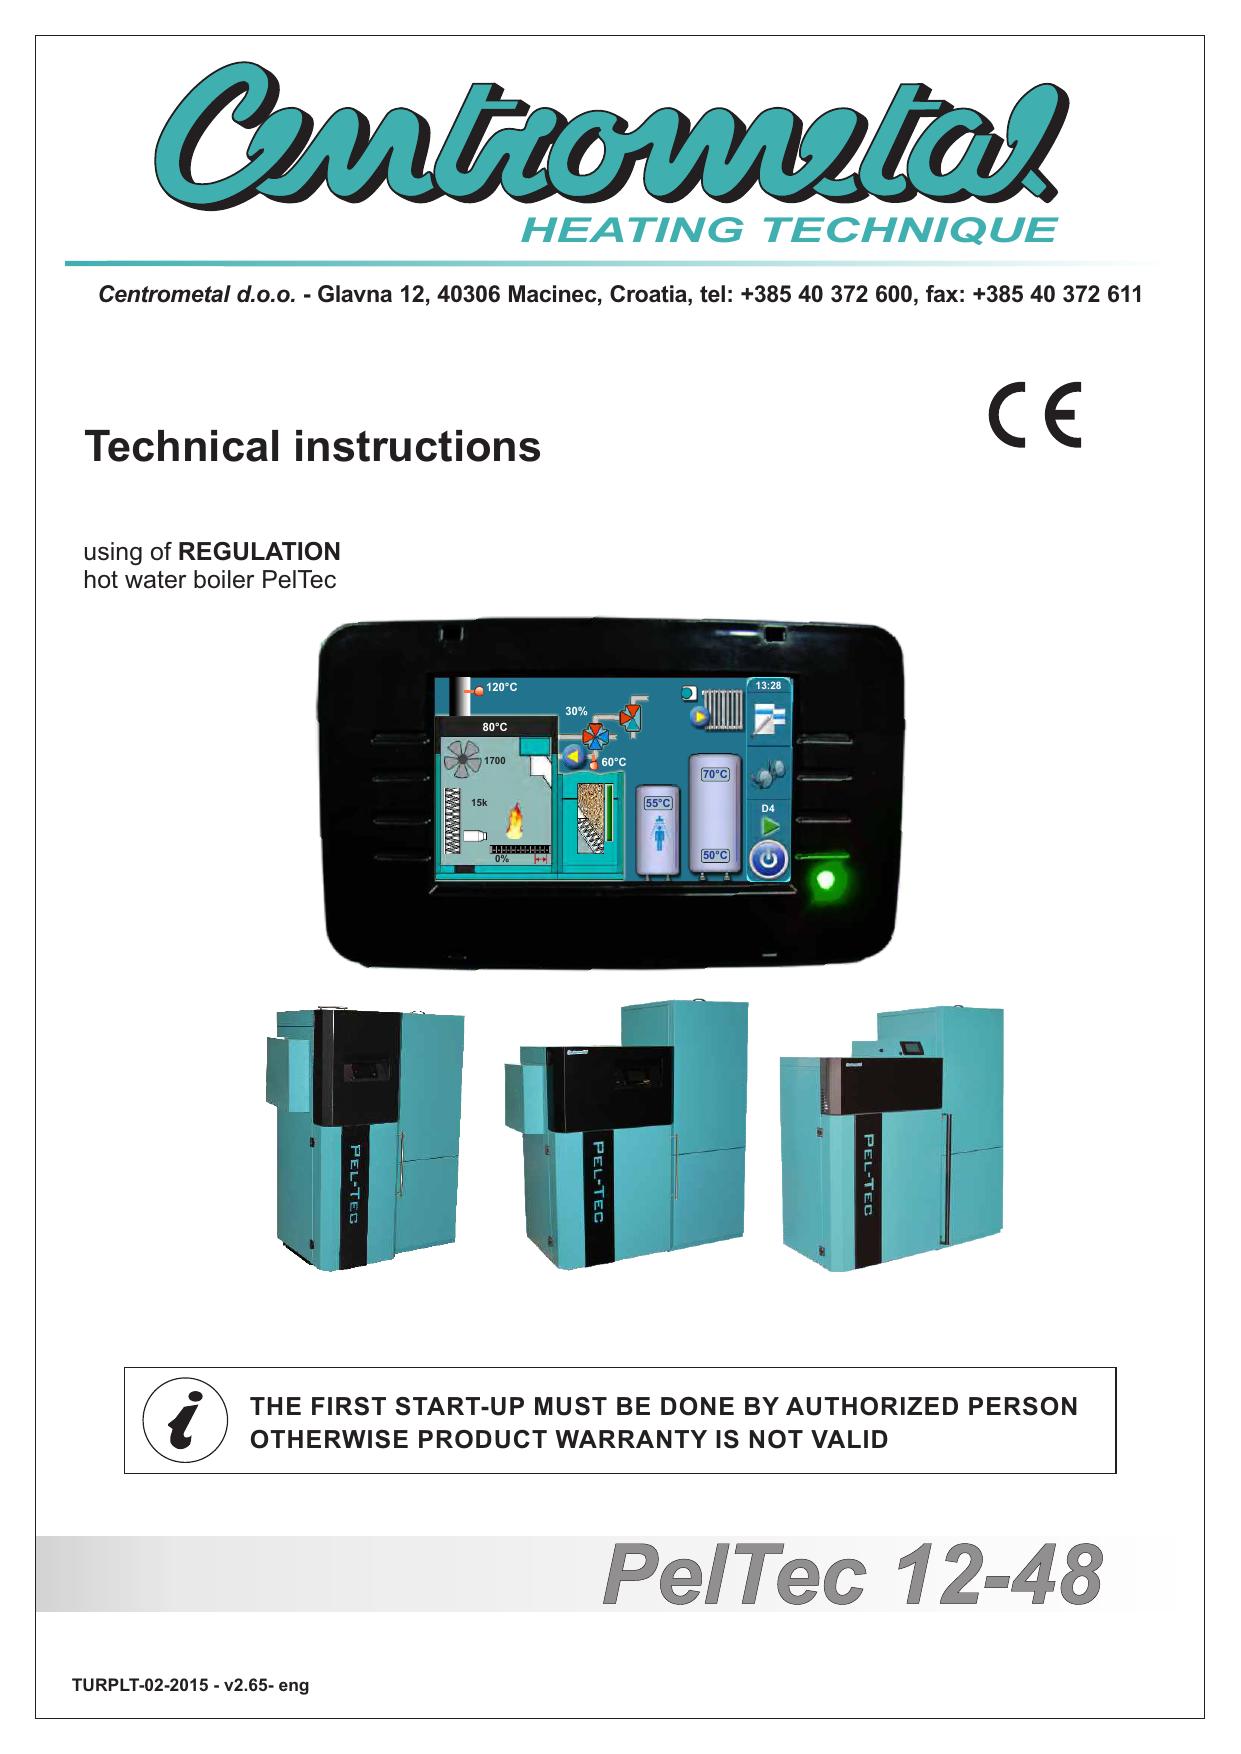 PelTec 12-48 - Centrometal | manualzz.com